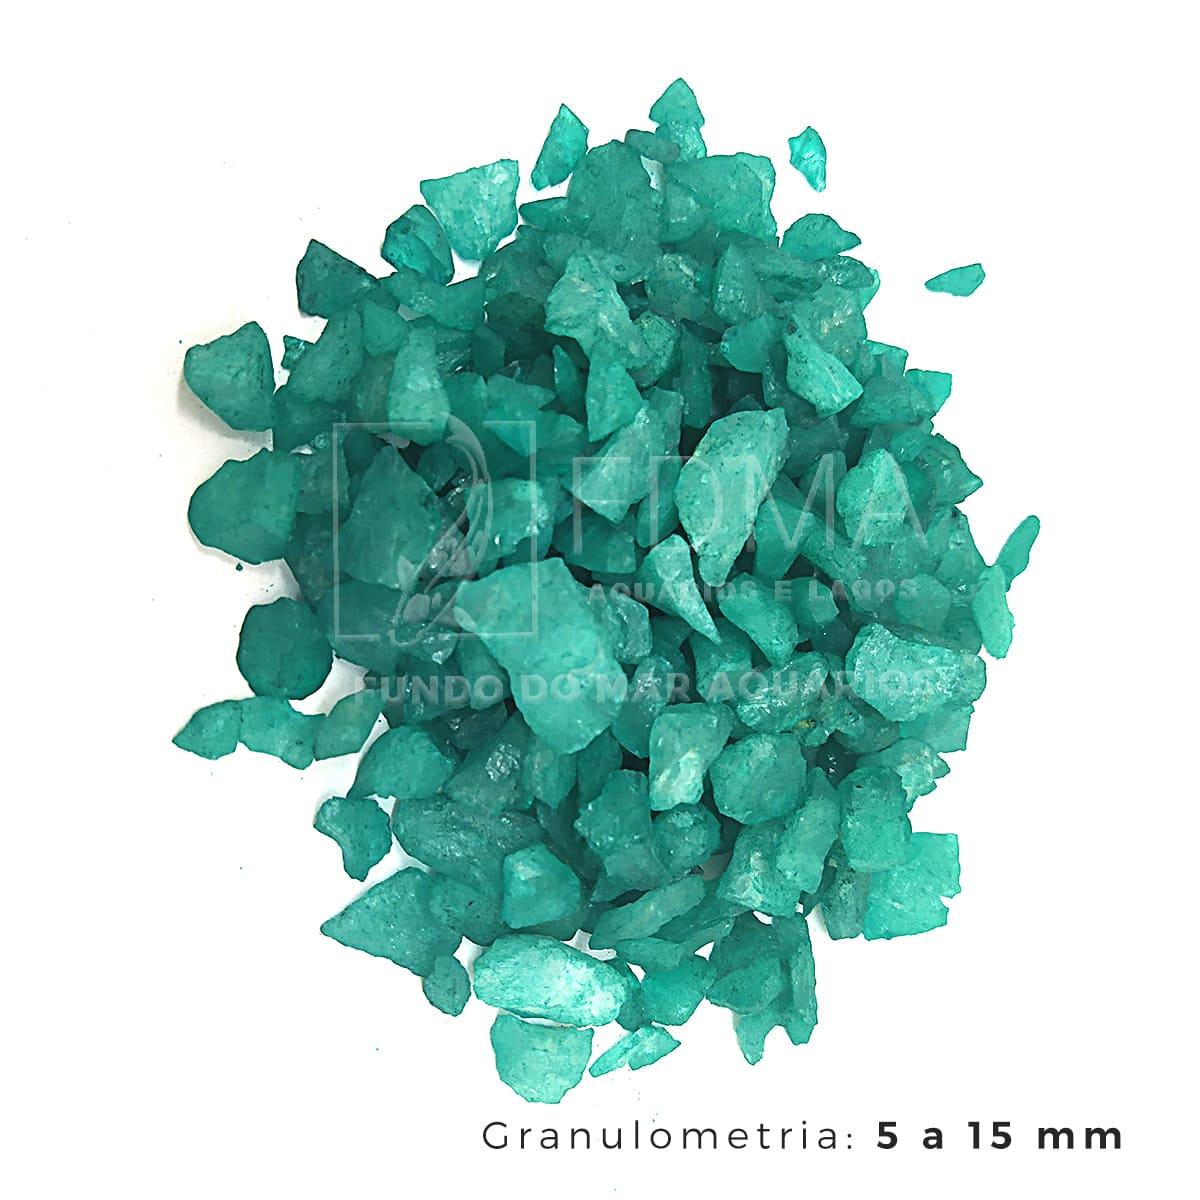 Cristal Quartzo Decoração Aquário e jardim Verde Escuro -3kg